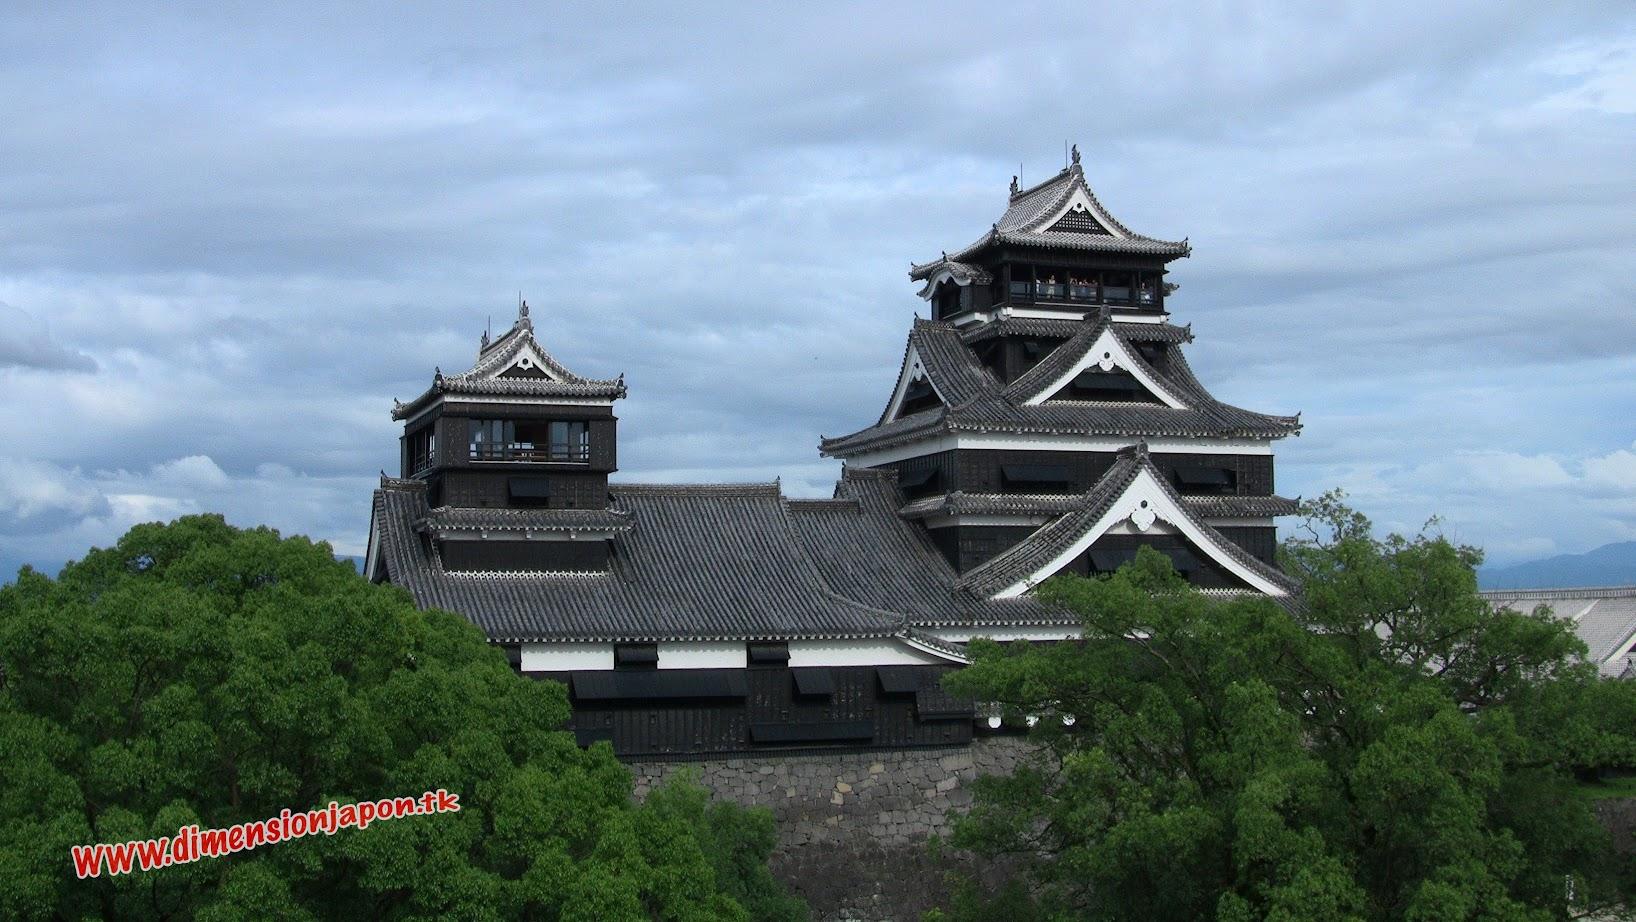 IMG_0577 Castillo de Kumamoto desde una de las torres (Kumamoto) 15-07-2010